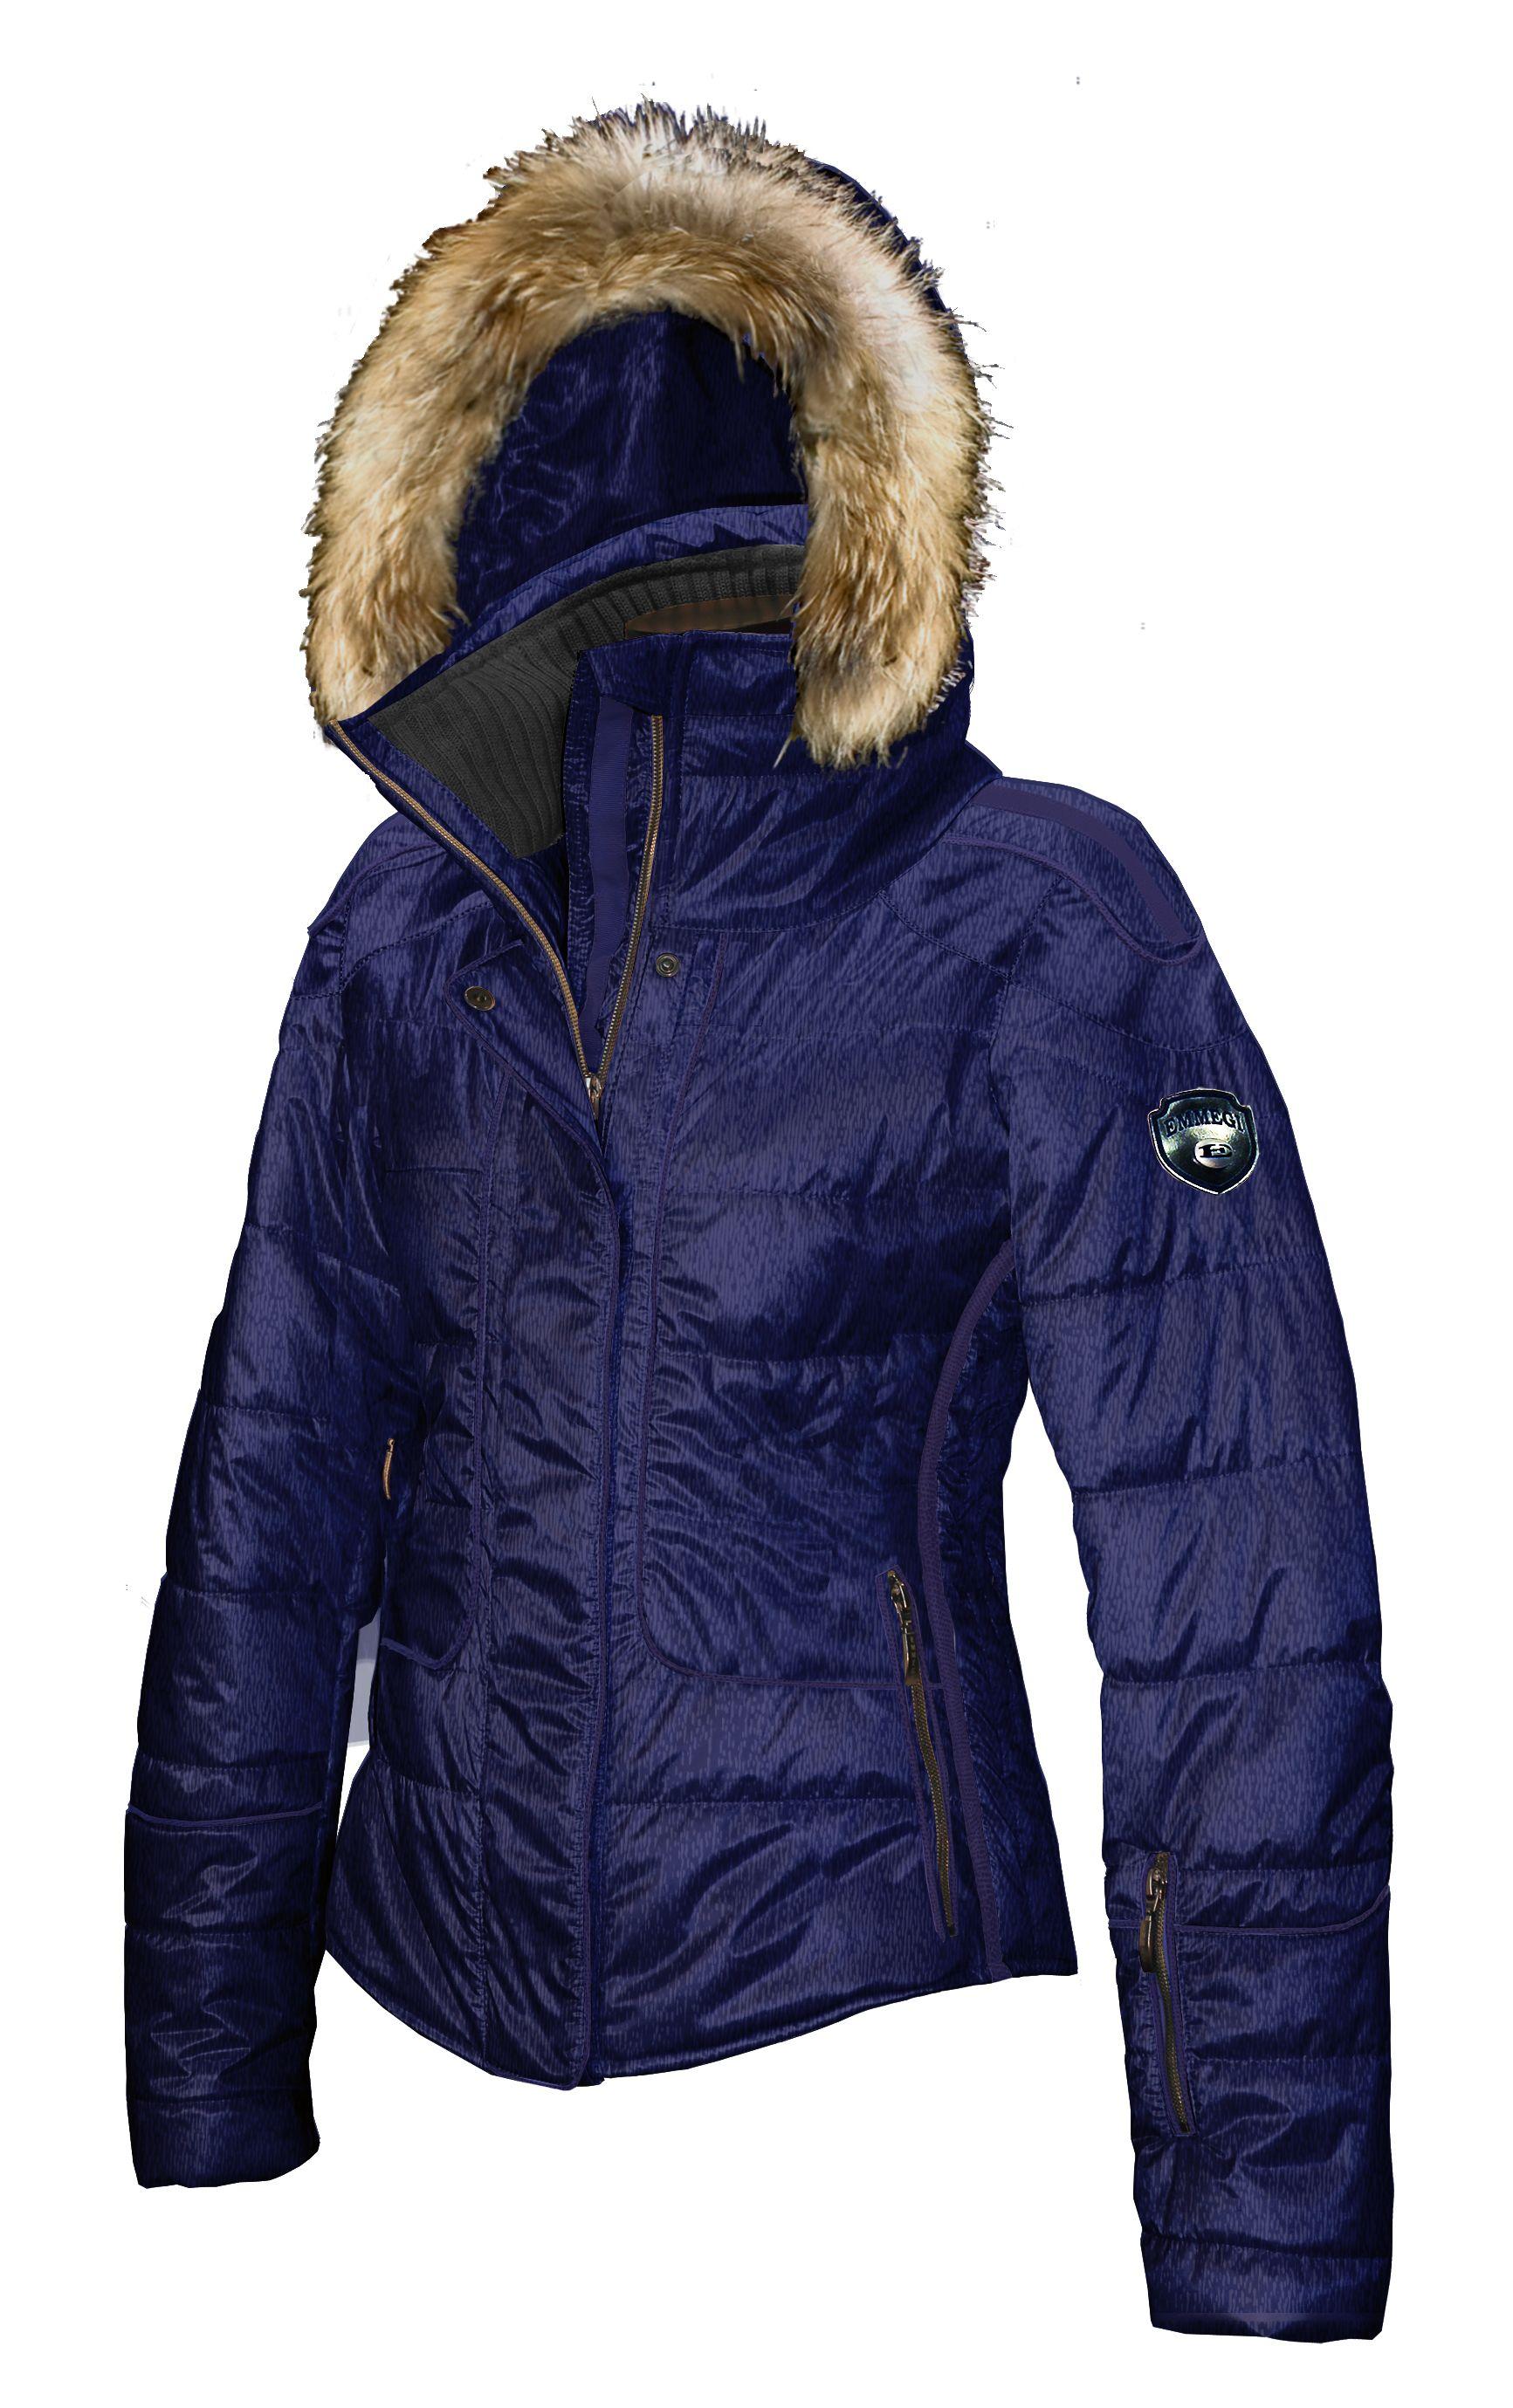 Women S Ski Jacket By Emmegi Ski Jacket Women Jackets Ski Jacket